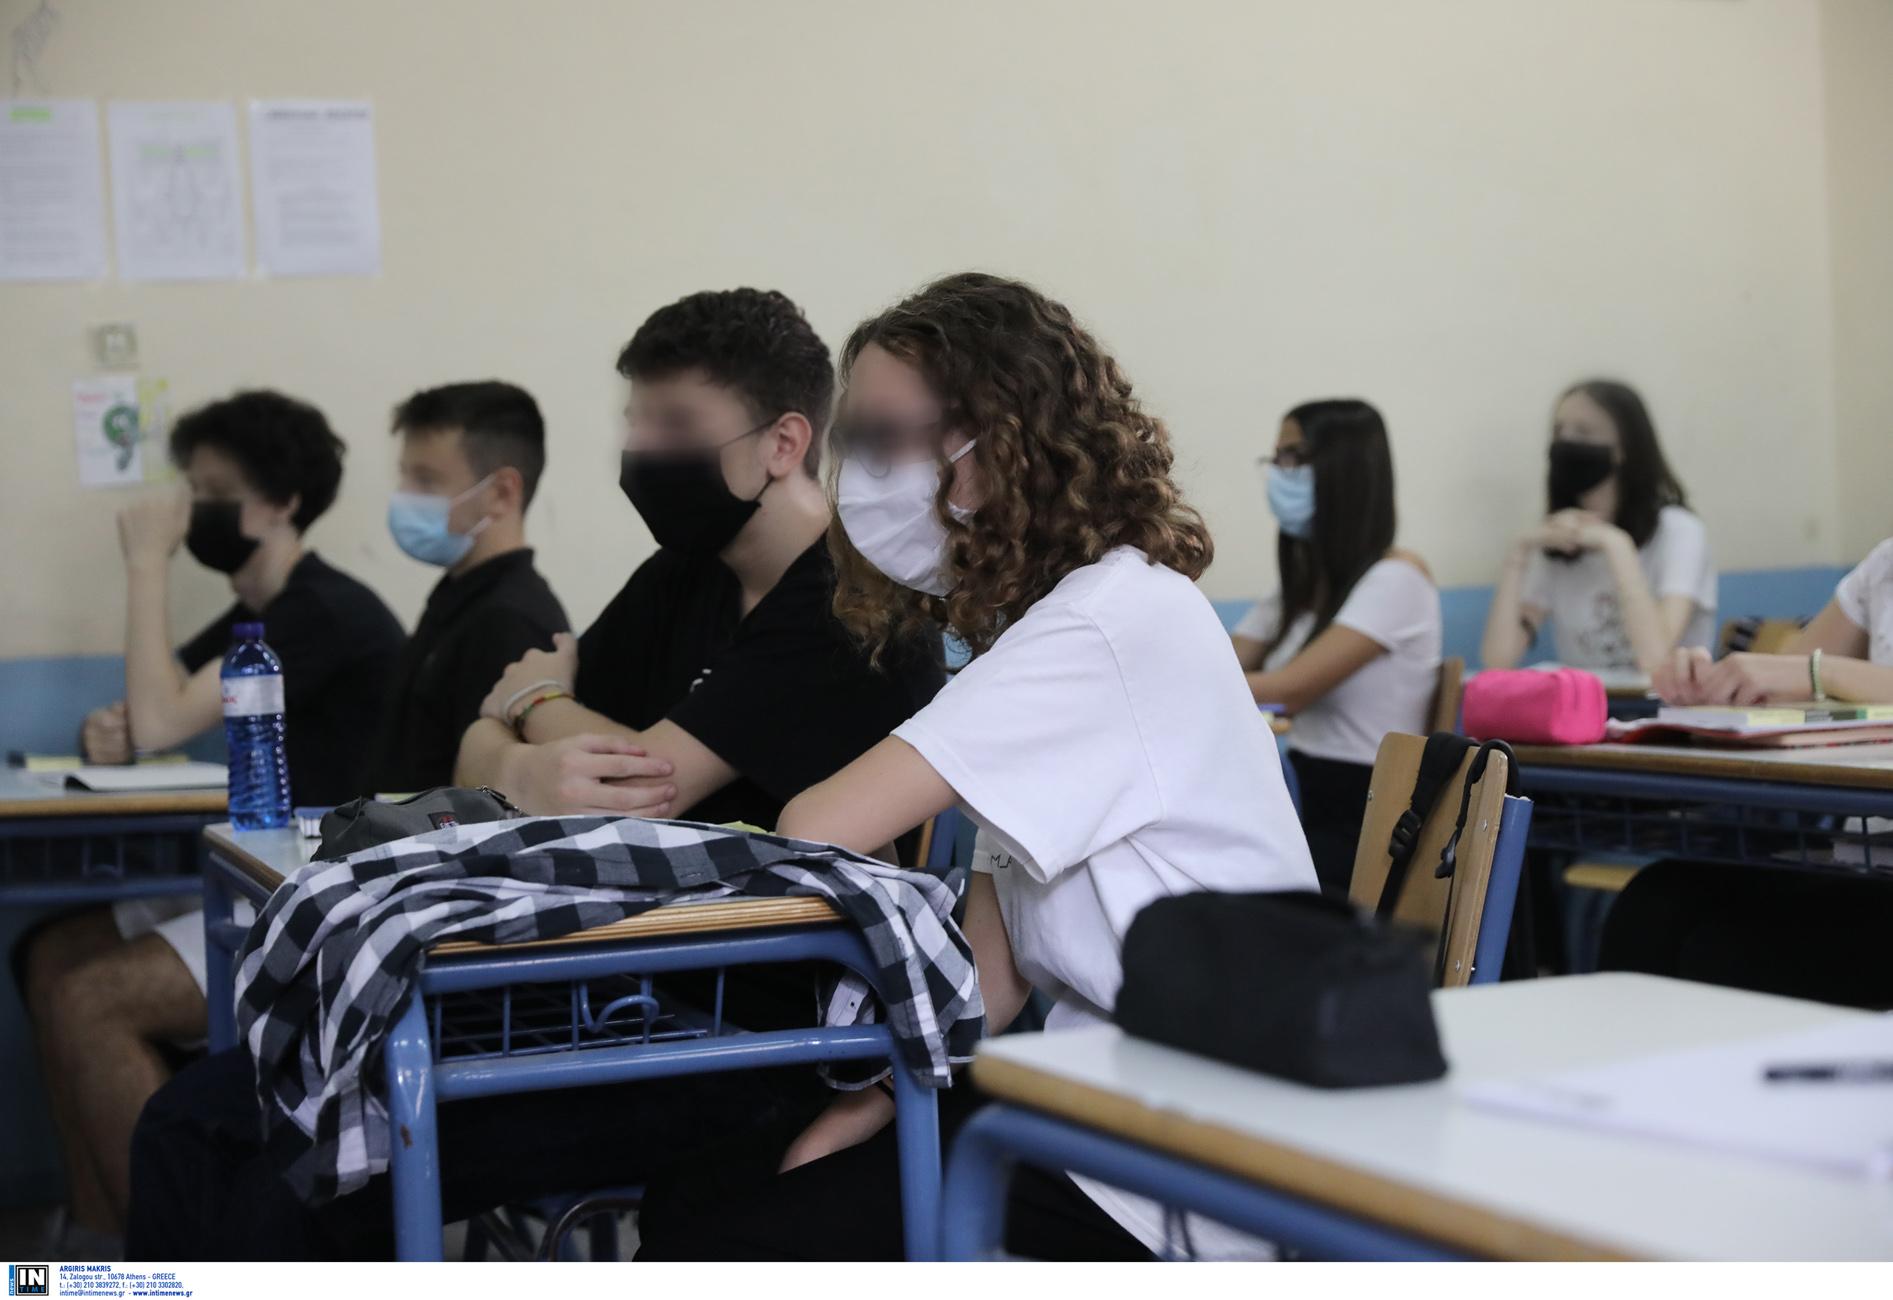 Άνοιγμα σχολείων: Κουδούνι για γυμνάσια και λύκεια – Τι θα γίνει με βαθμολογίες, διαγωνίσματα και απουσίες